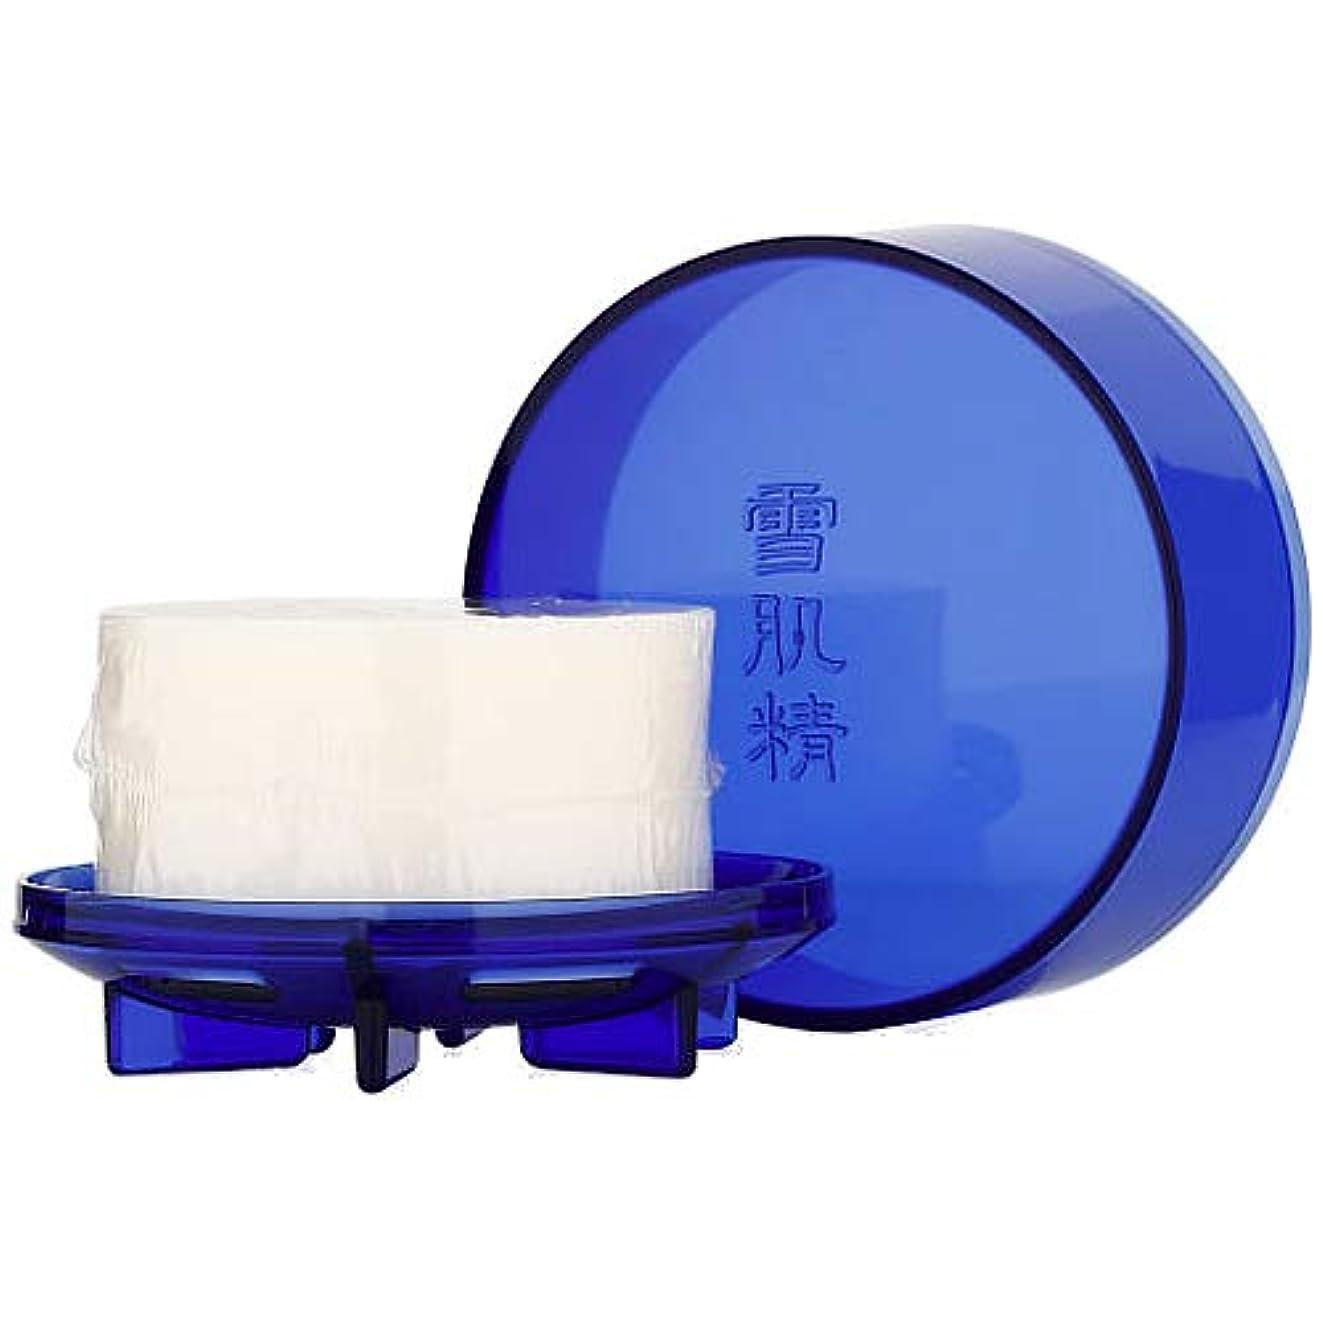 なぜ豊かな解き明かすコーセー KOSE 雪肌精 化粧水仕立て (ケース付) 100g [並行輸入品]